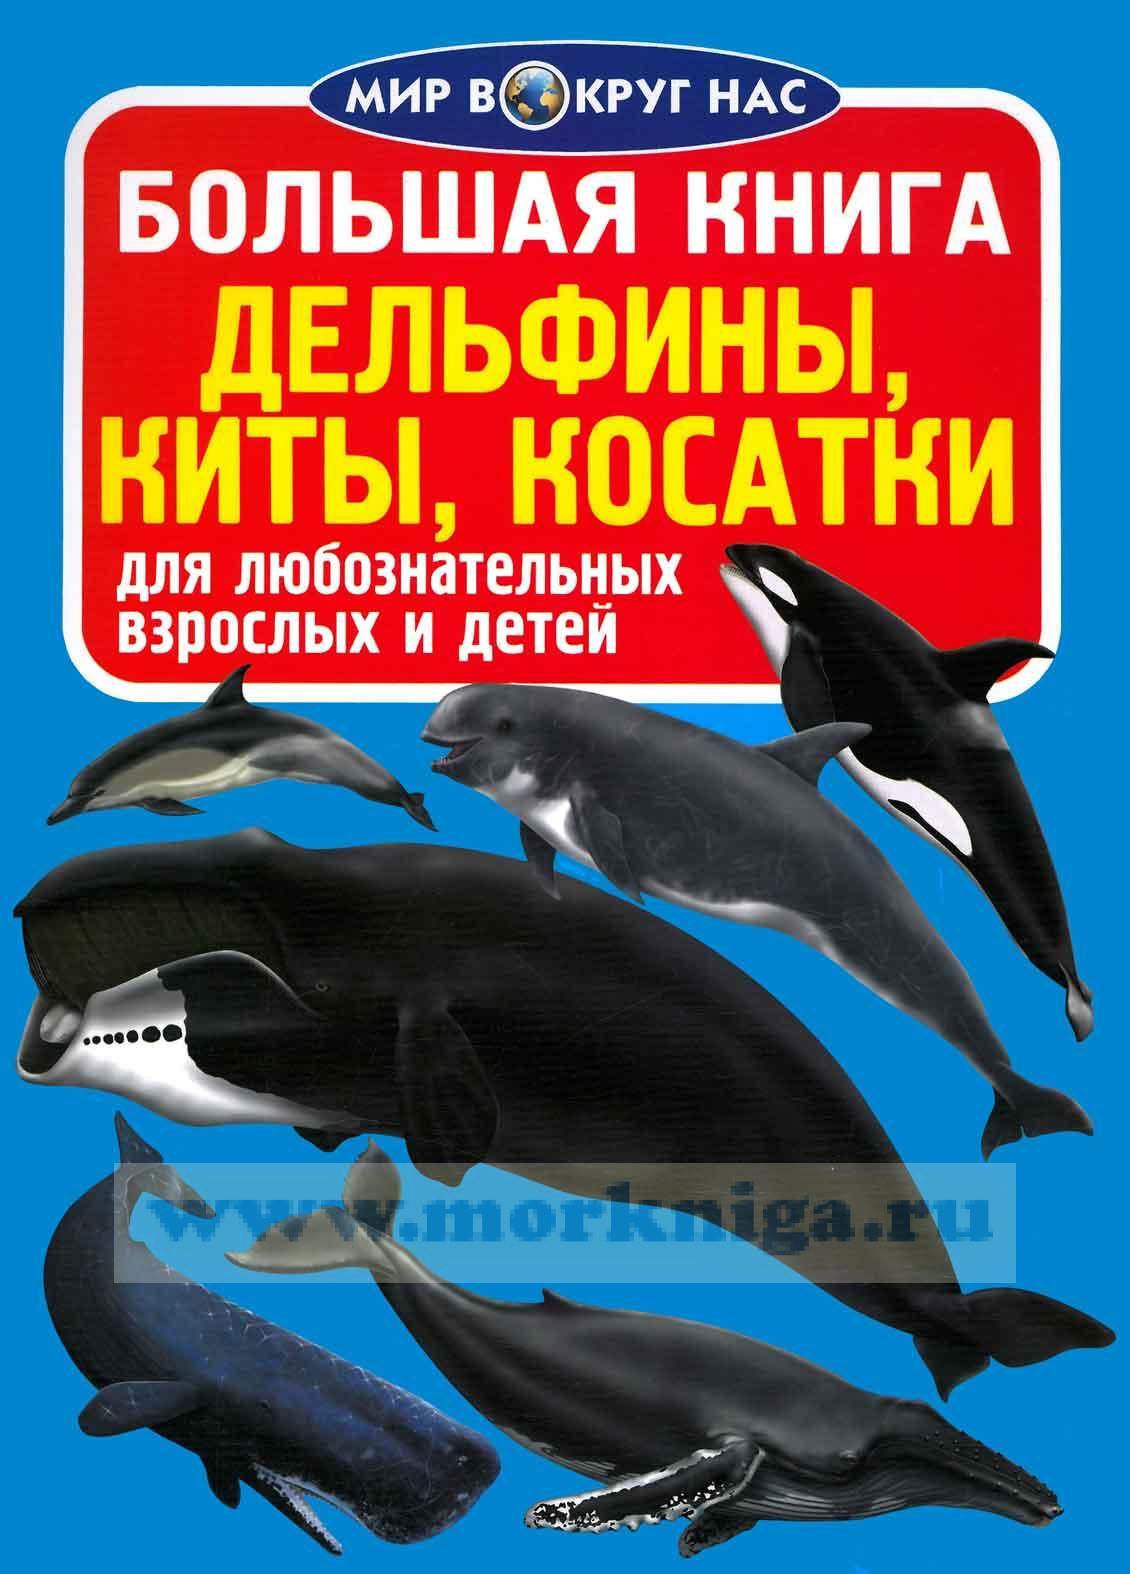 Большая книга. Дельфины, киты, касатки (для любознательных взрослых и детей)